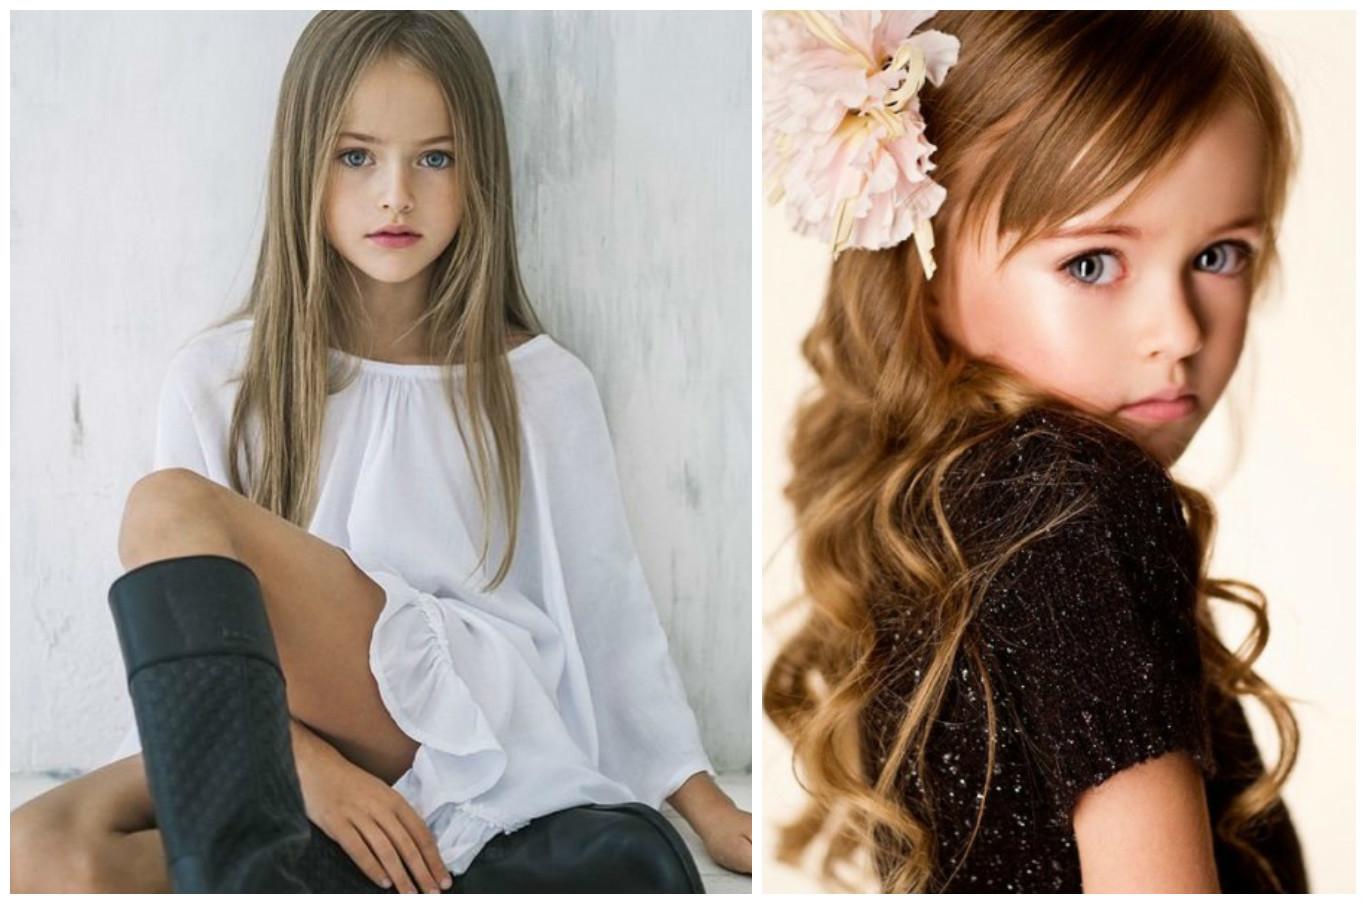 Фото эротика маленькая модель, Девочка созрела? Самые скандальные фотосессии юных 10 фотография